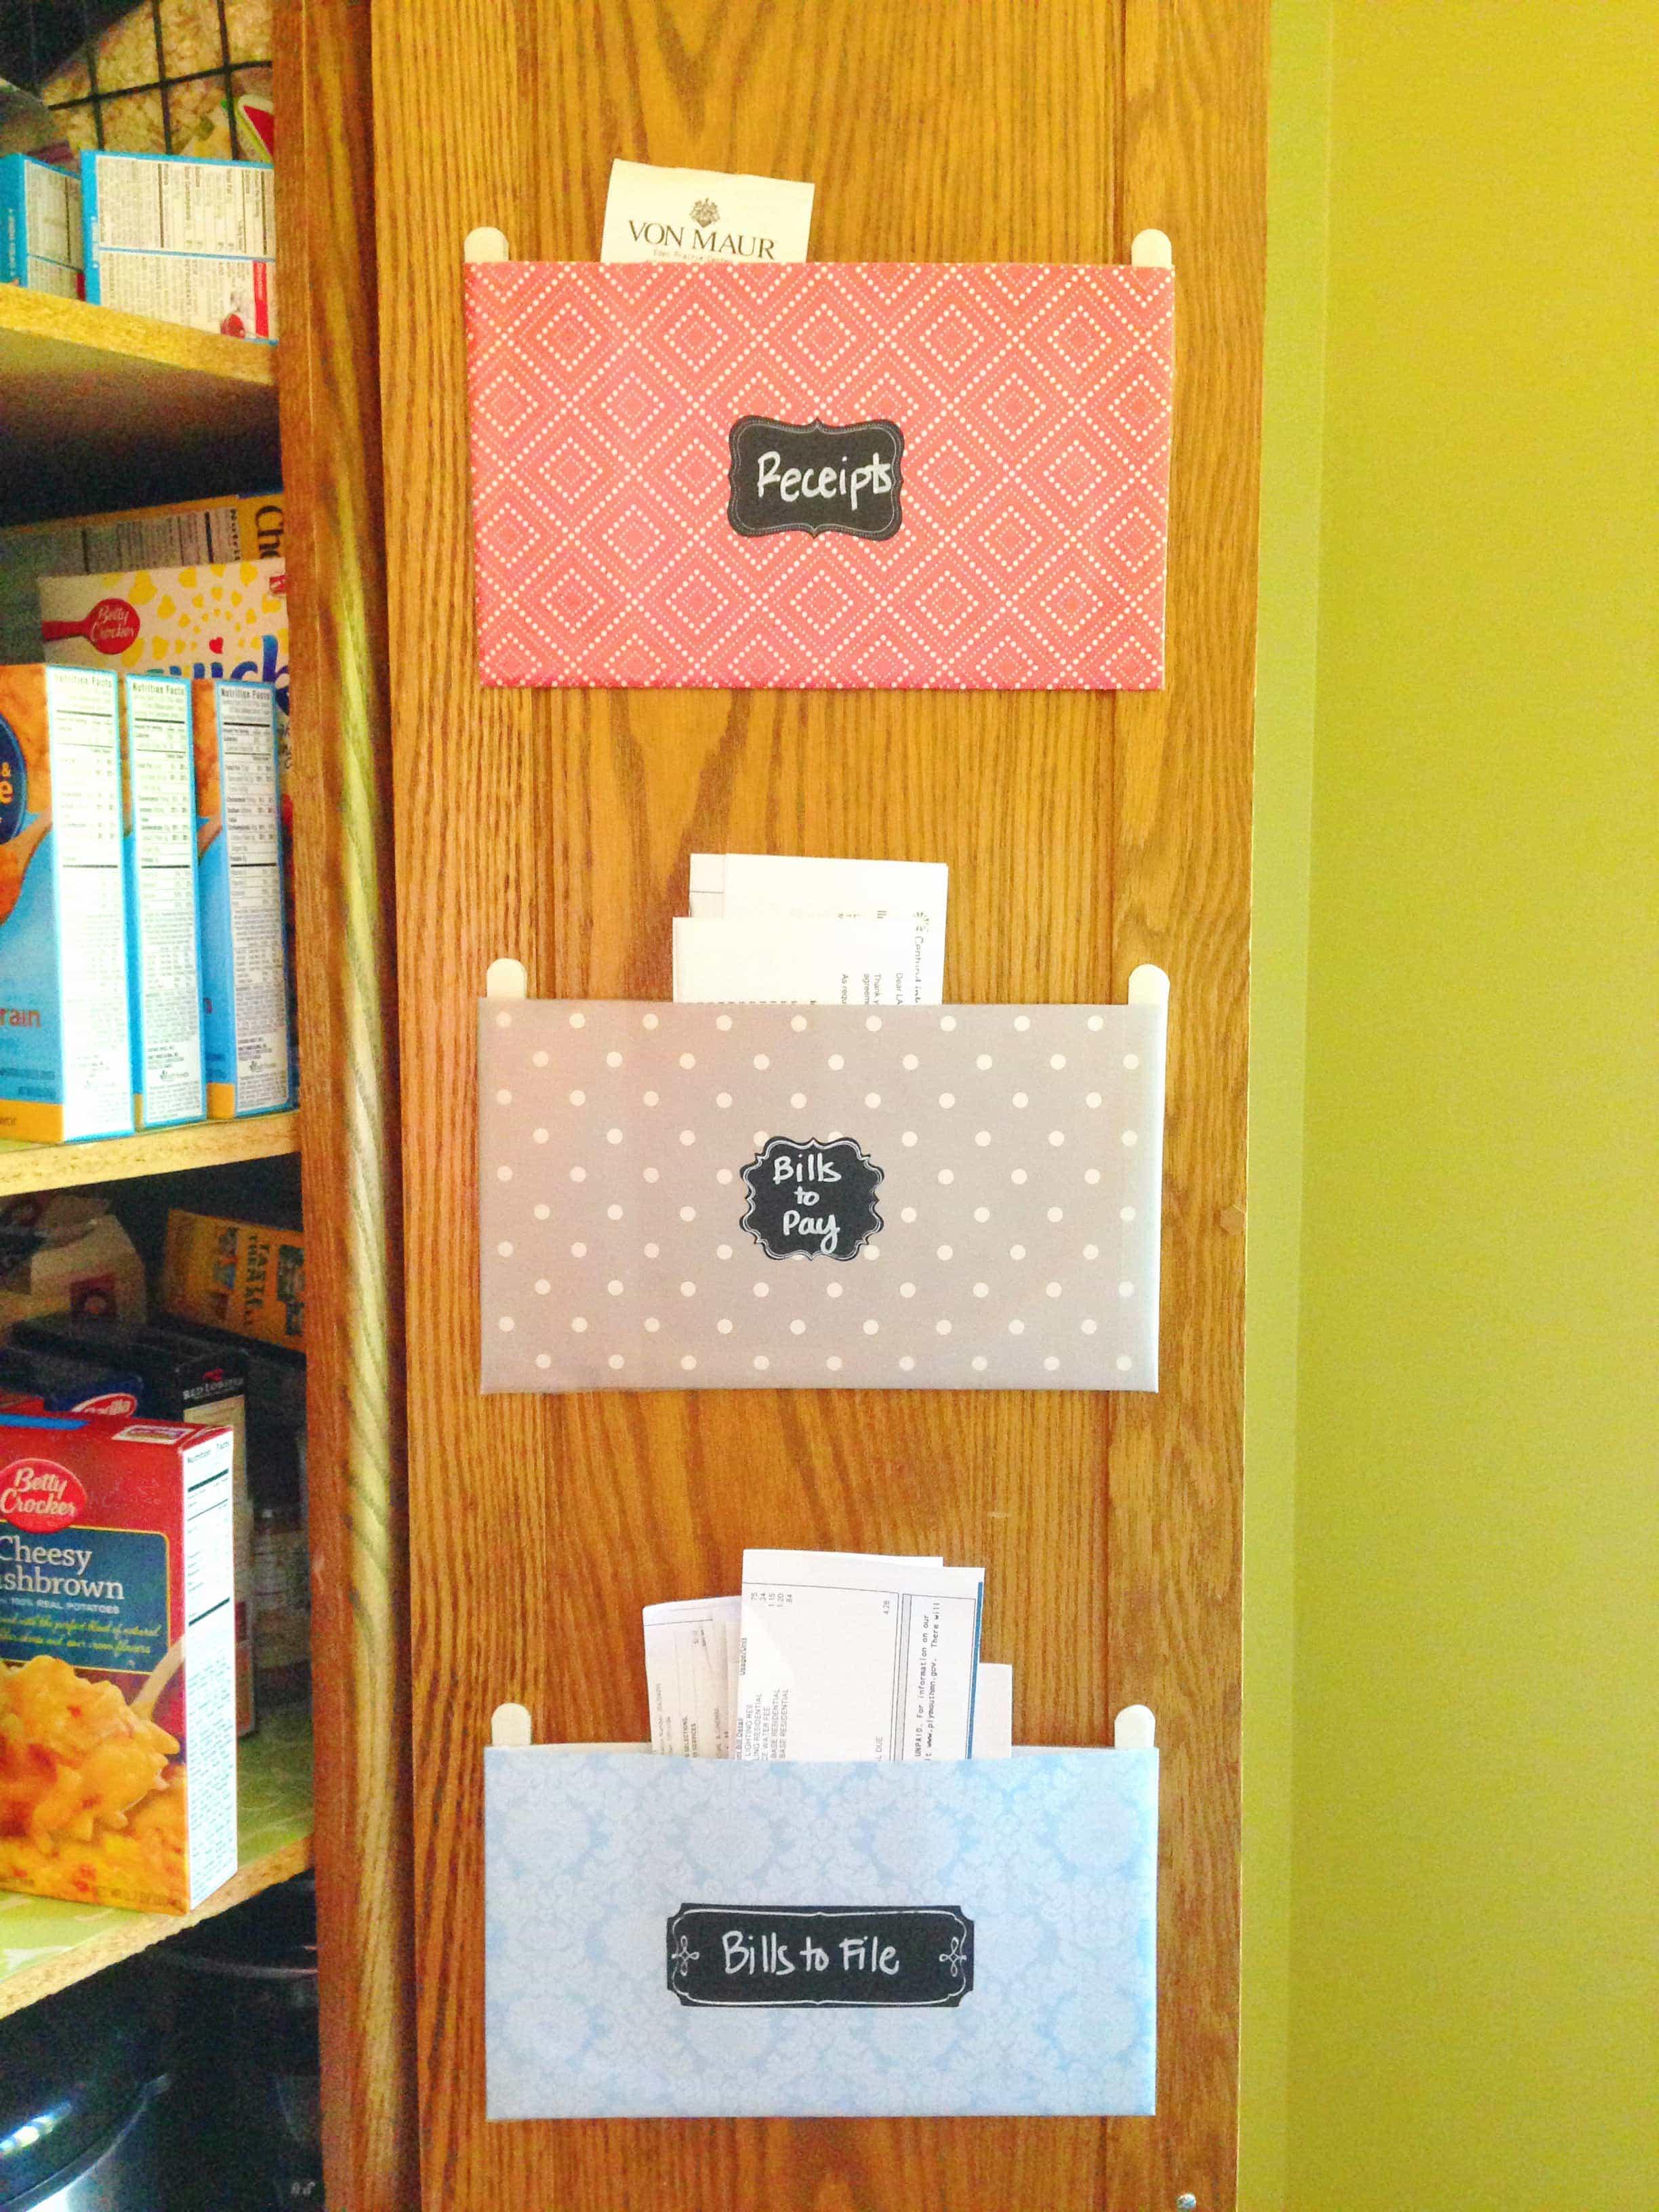 Kitchen Organizer - www.refashionablylate.com